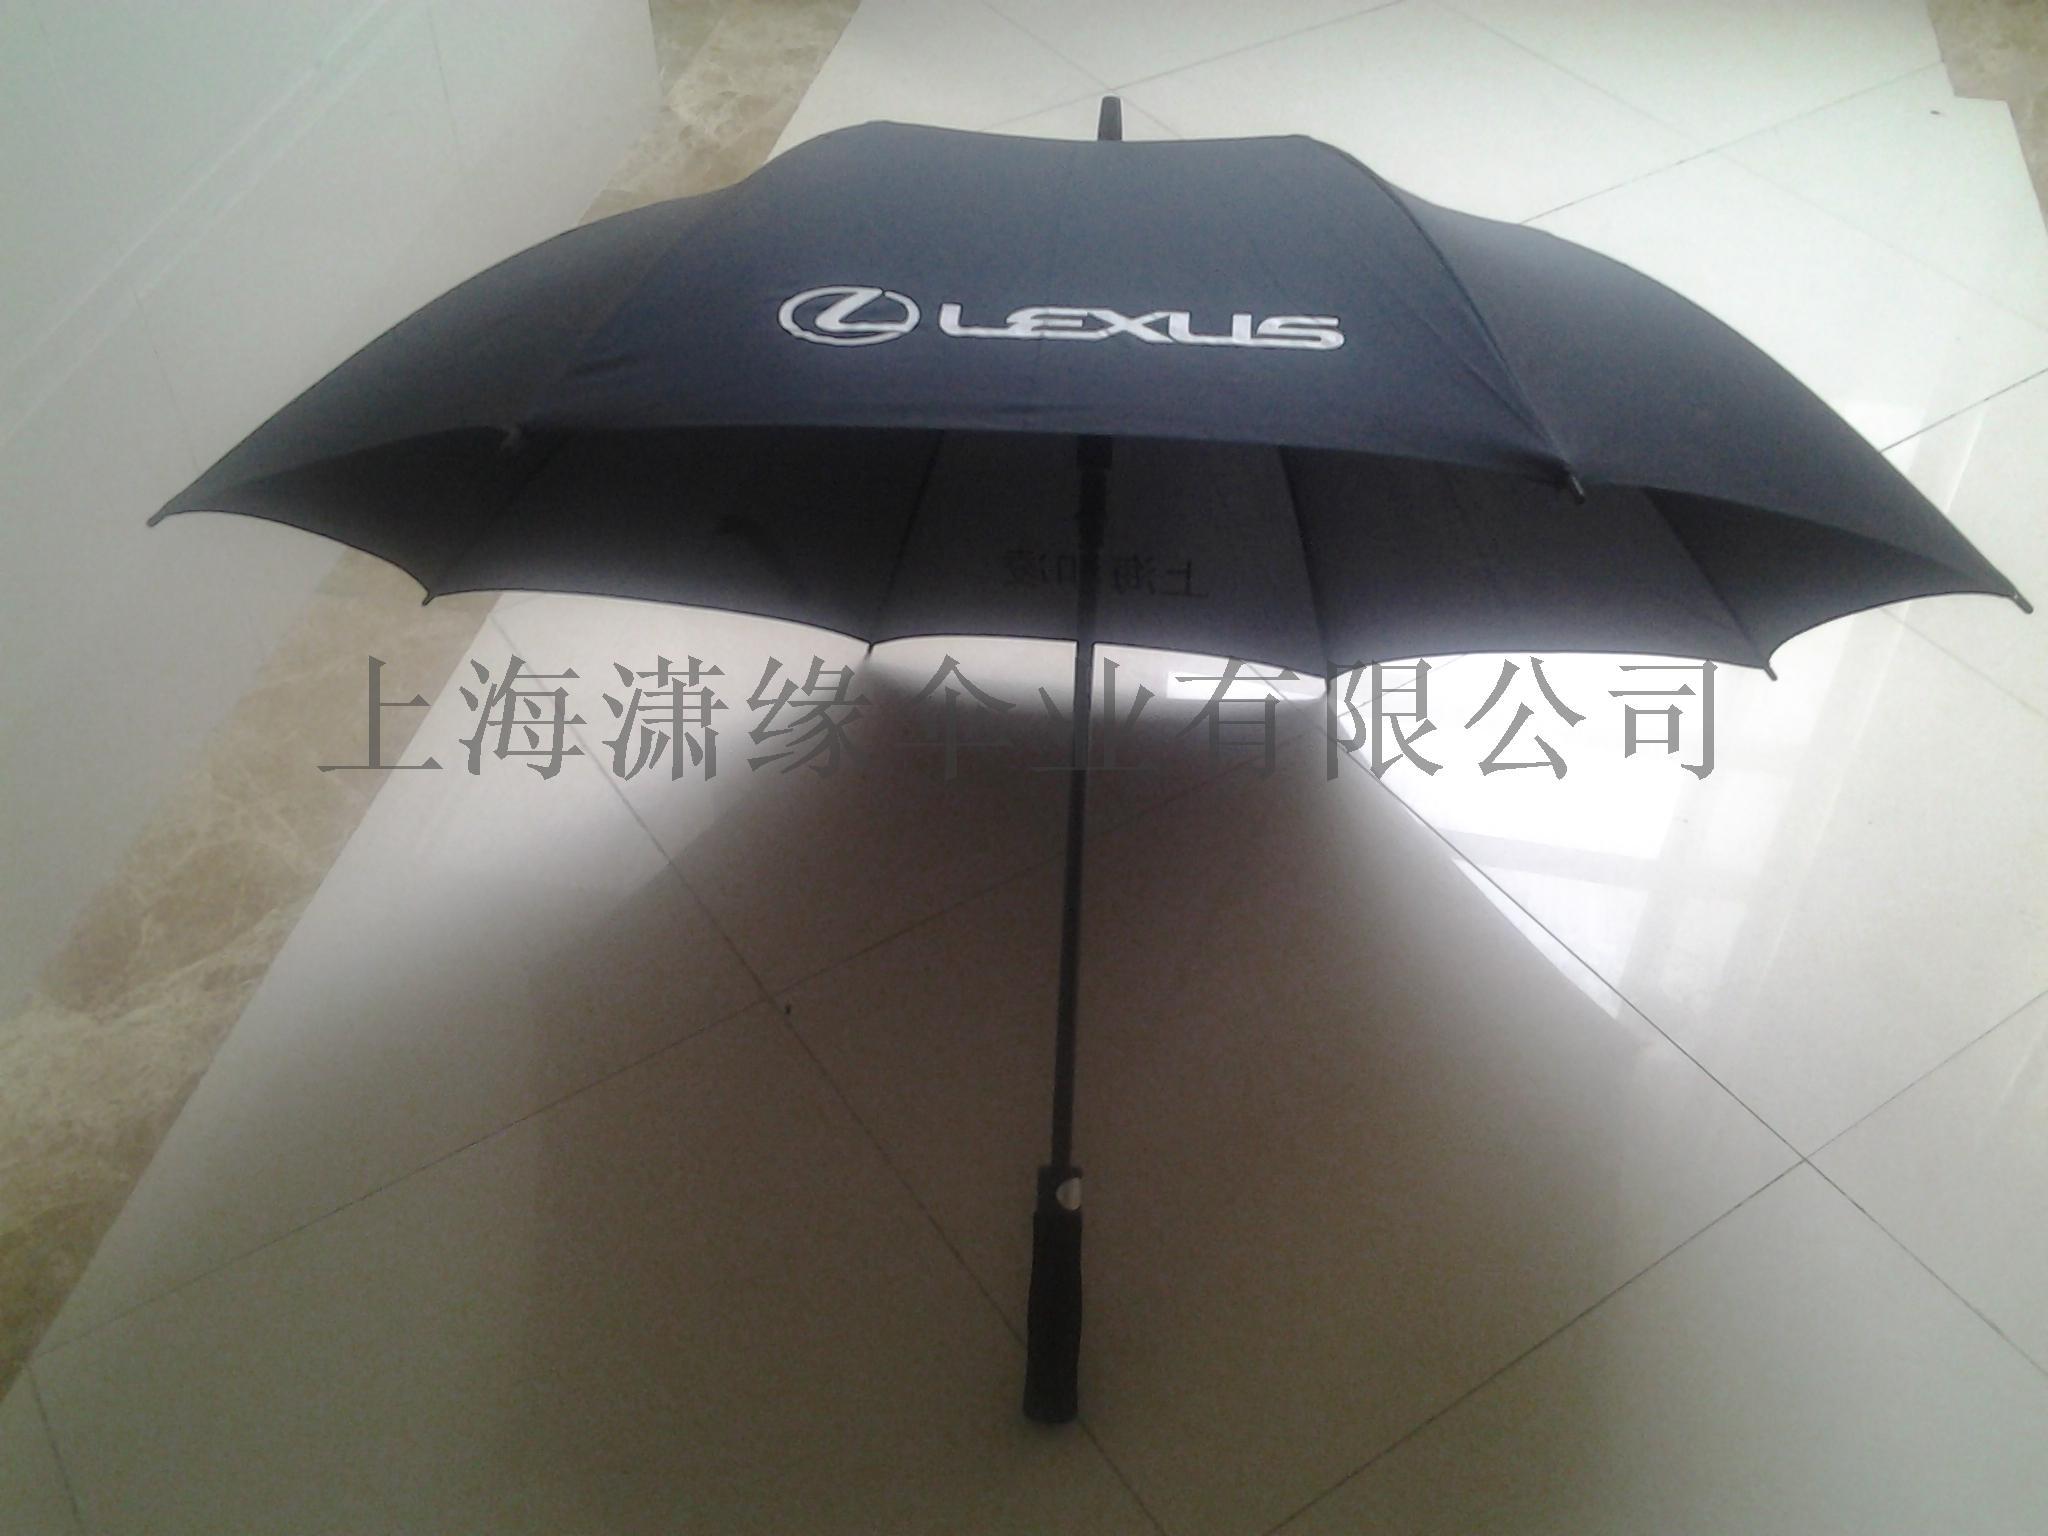 定制广告雨伞直杆高尔夫伞logo彩印遇水开花伞120644912